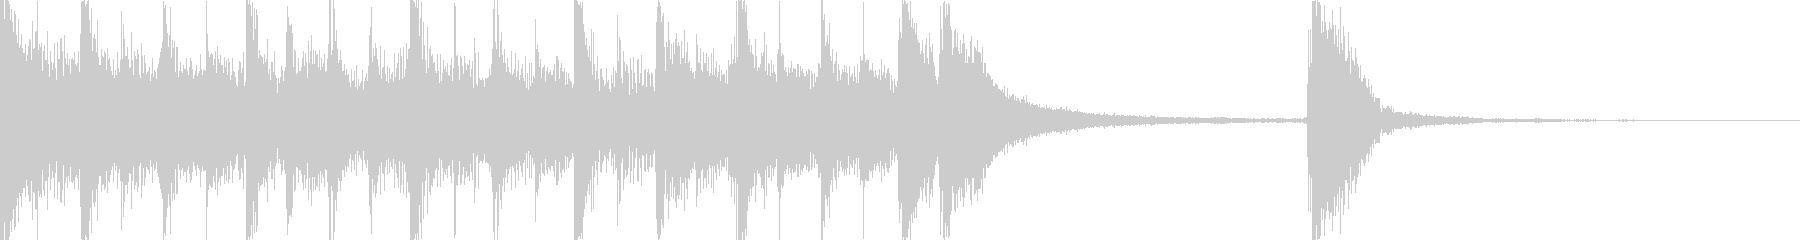 シンセとドラムの短いジングルの未再生の波形